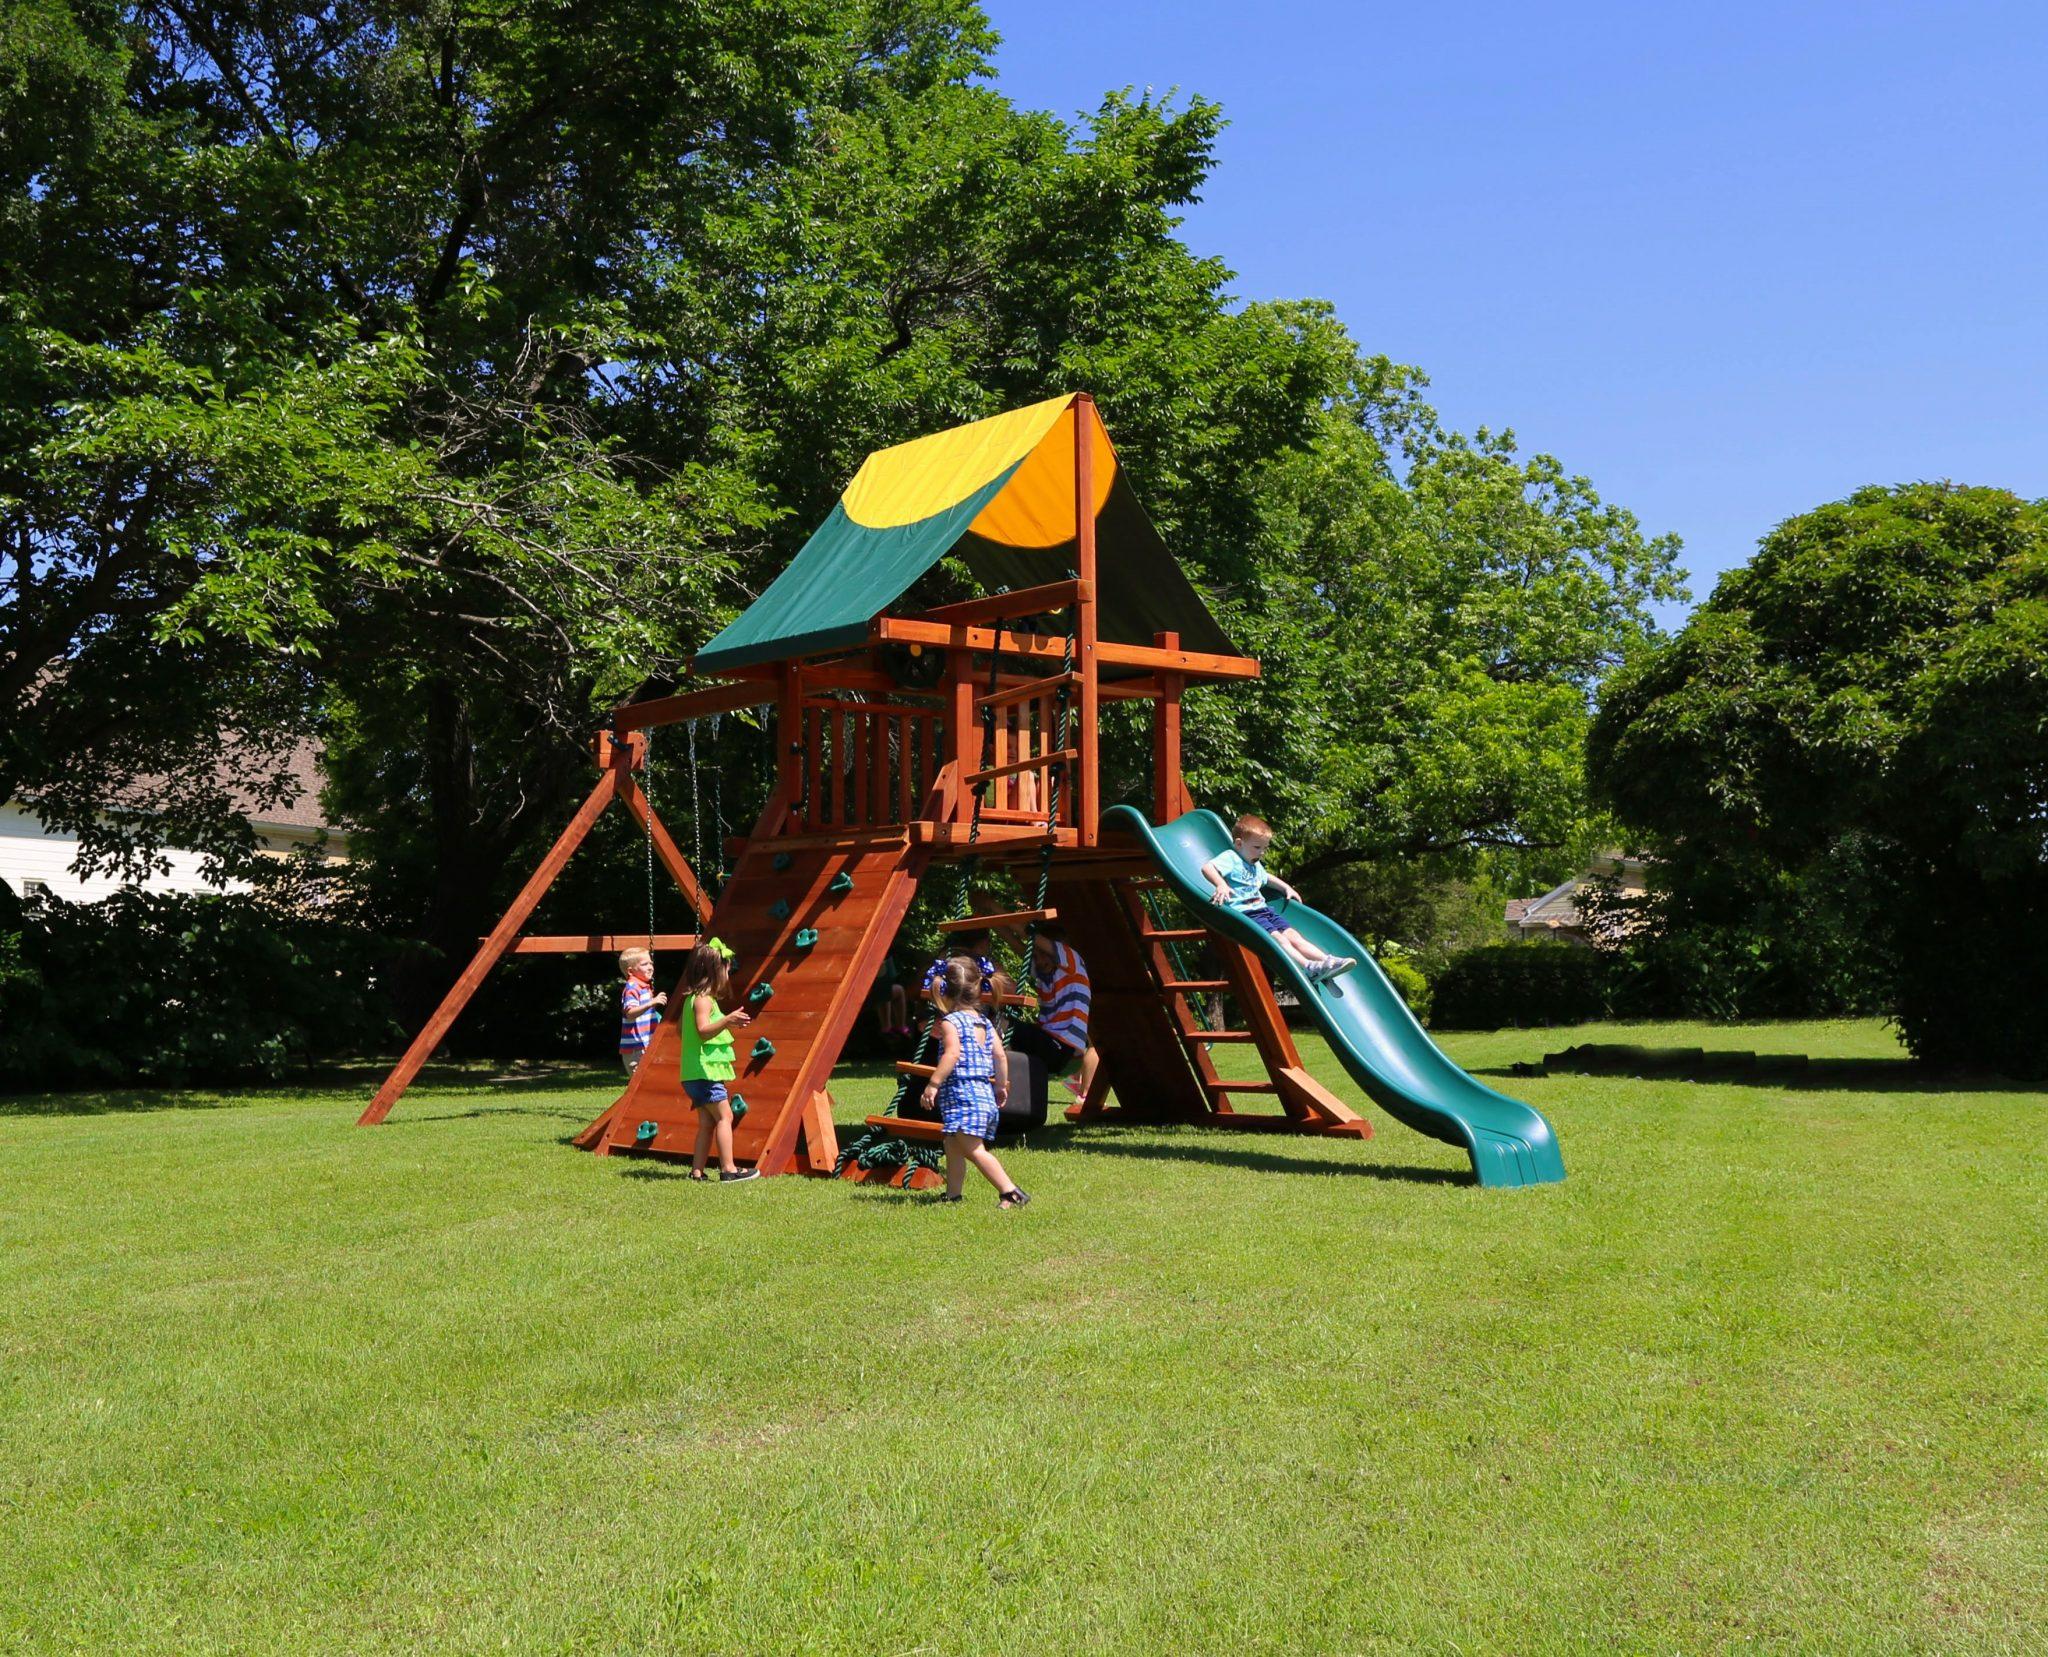 rustler, fort, backyard swing set, wood swing set, wooden swing, wooden playset